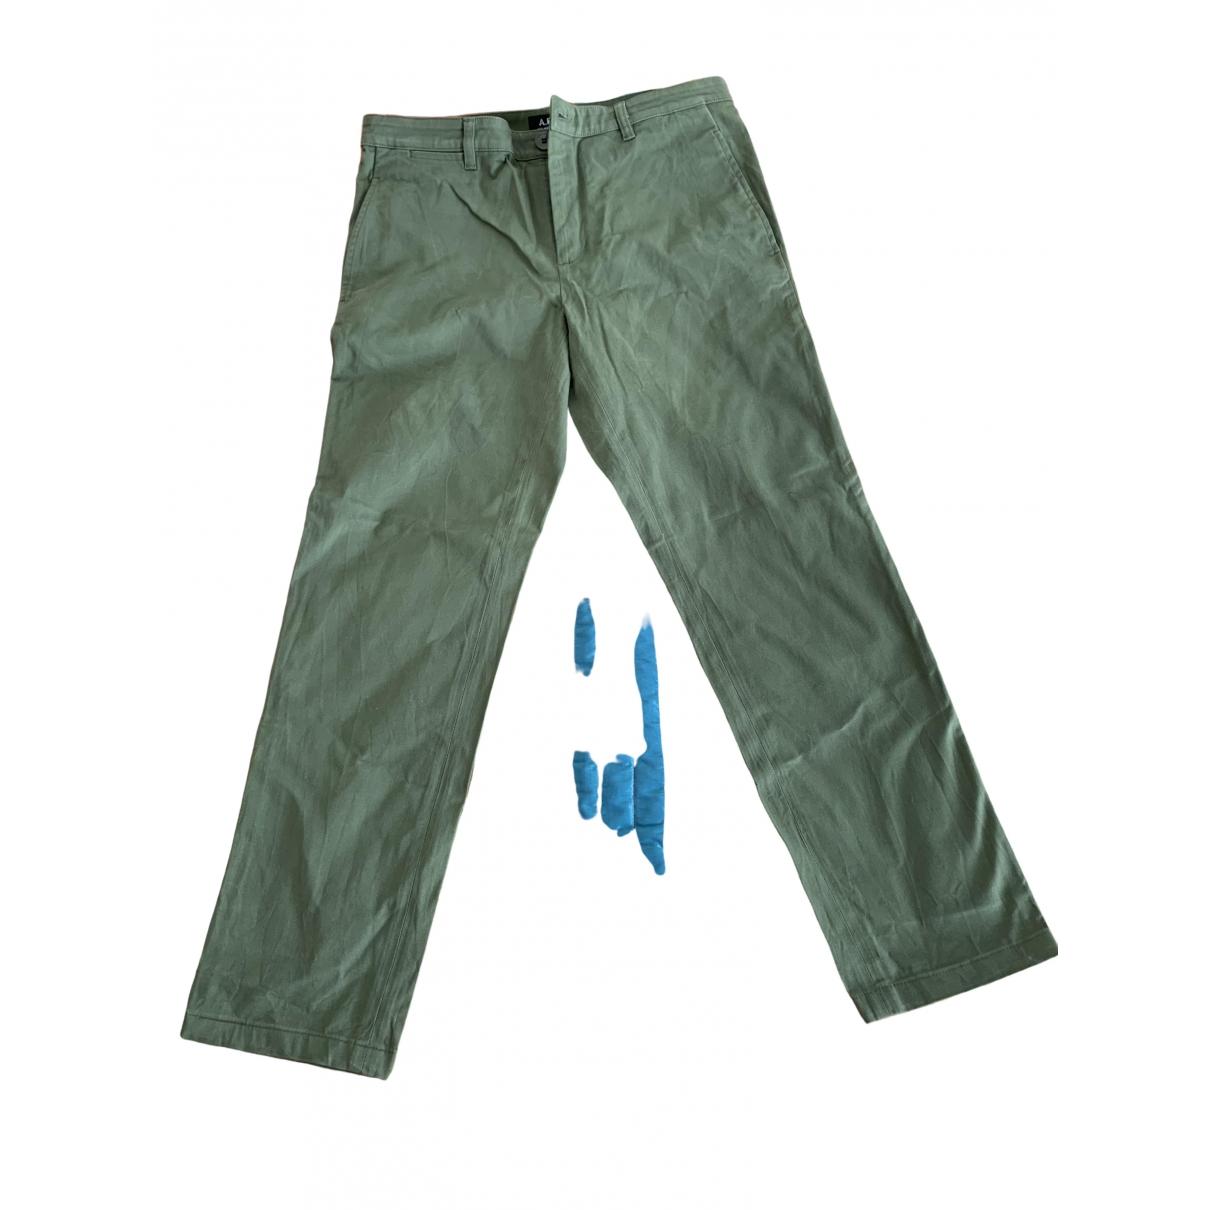 Apc \N Khaki Cotton Trousers for Men 30 UK - US